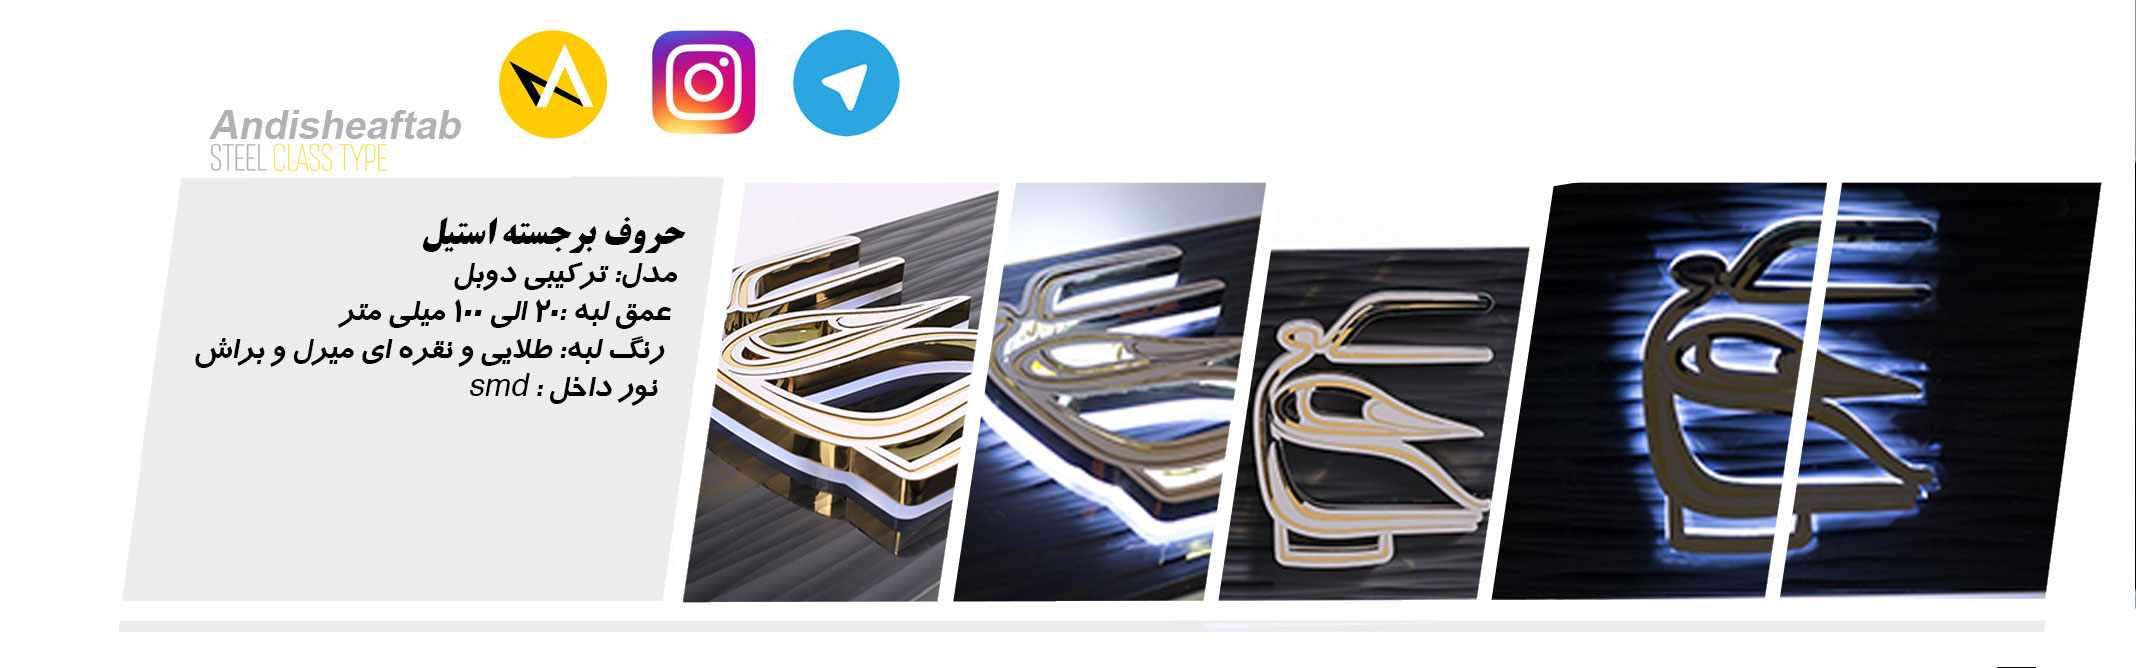 تابلو استیل ،نمونه کار حروف برجسته استیل ،حروف برجسته استیل